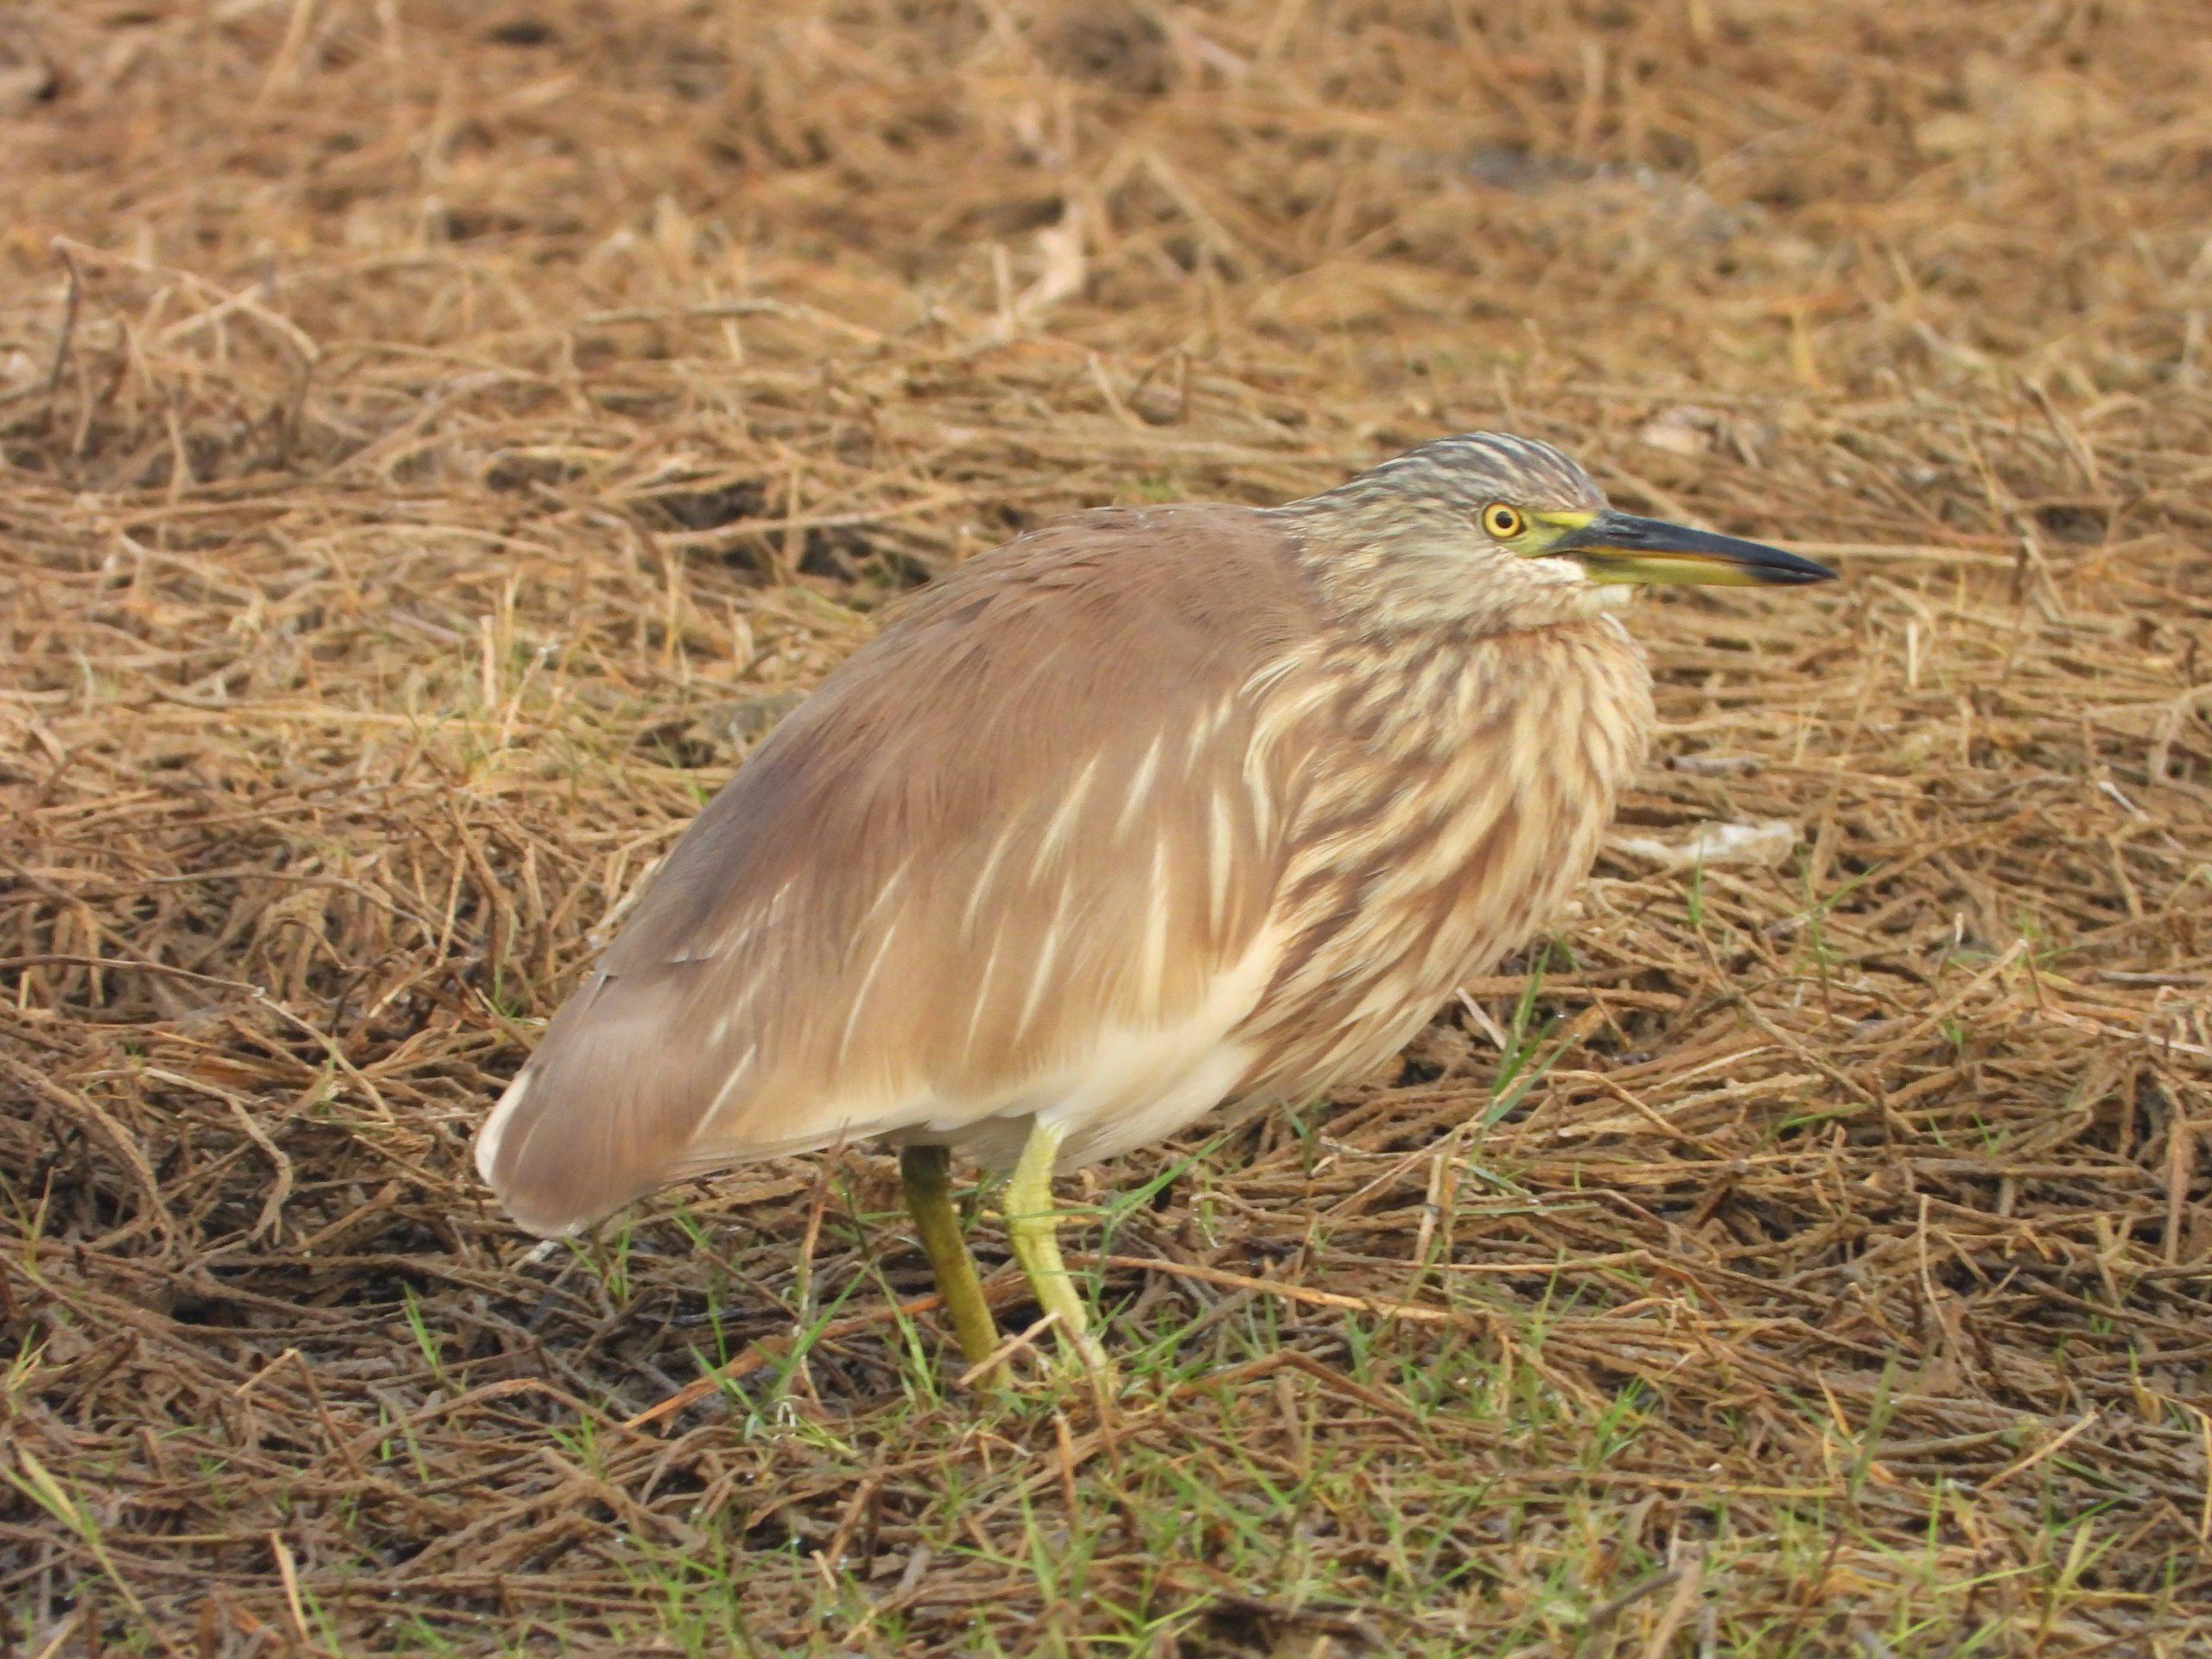 A pond heron